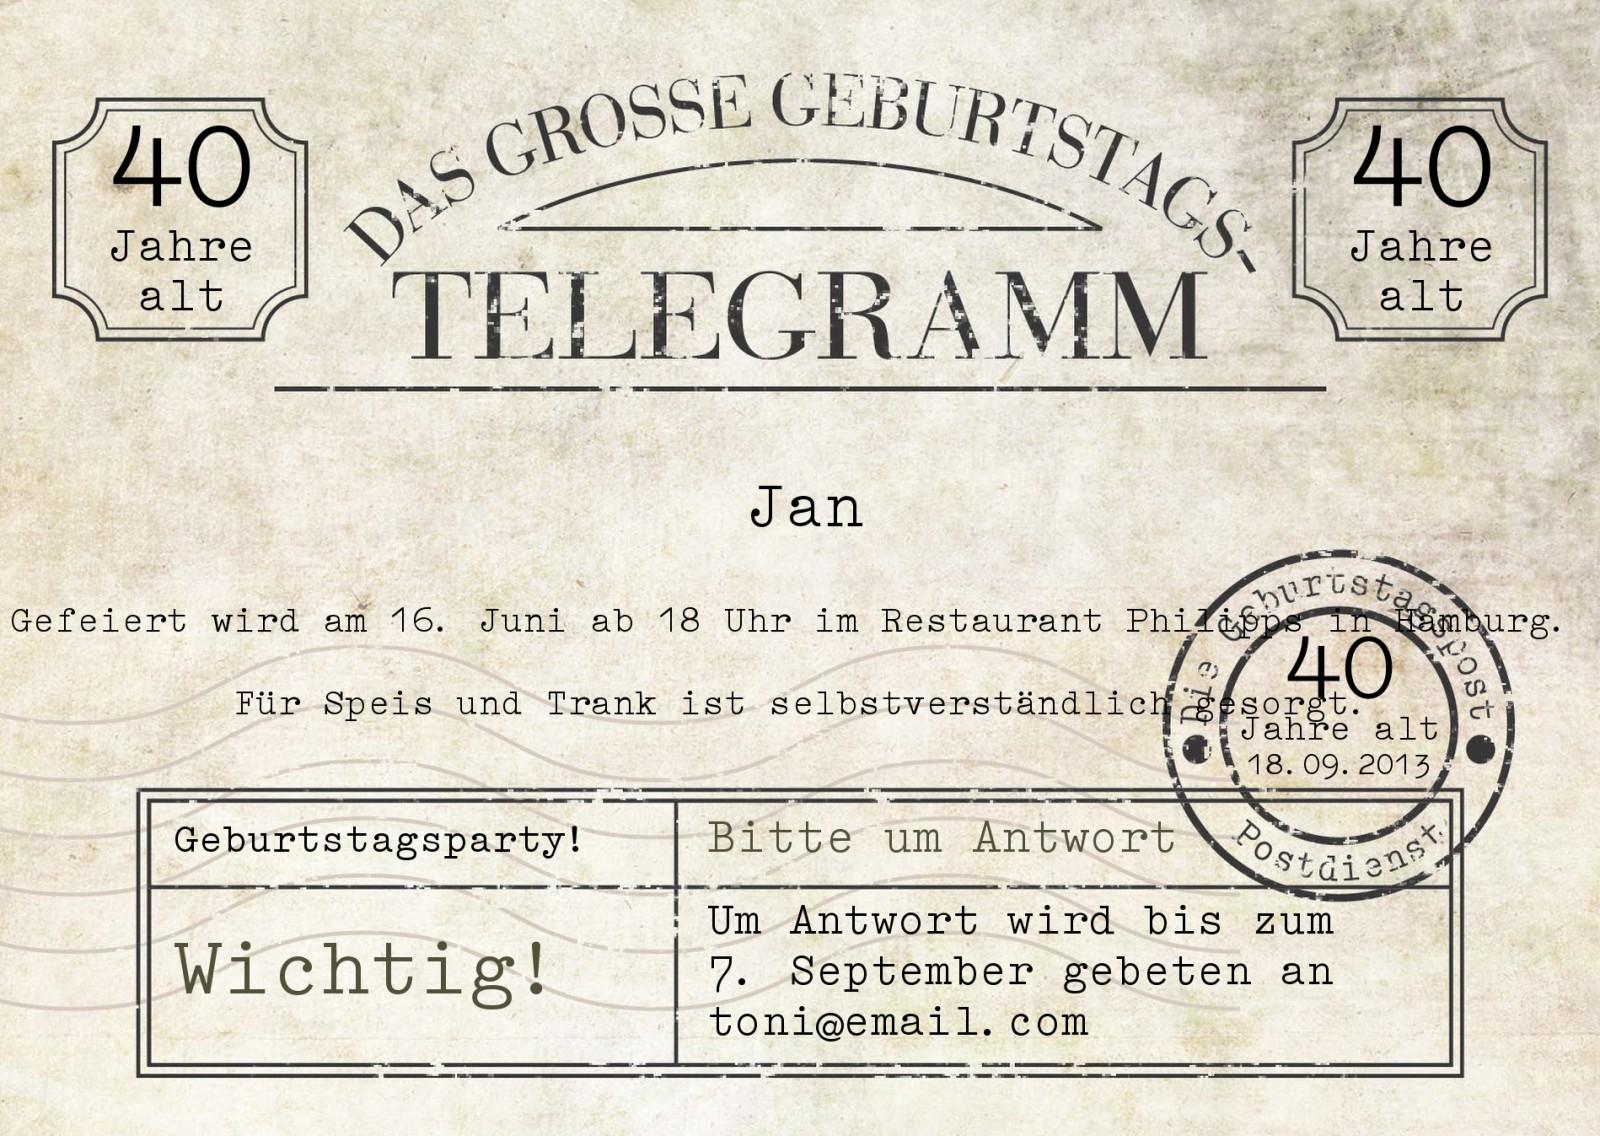 einladung 40. geburtstag vintage-telegramm